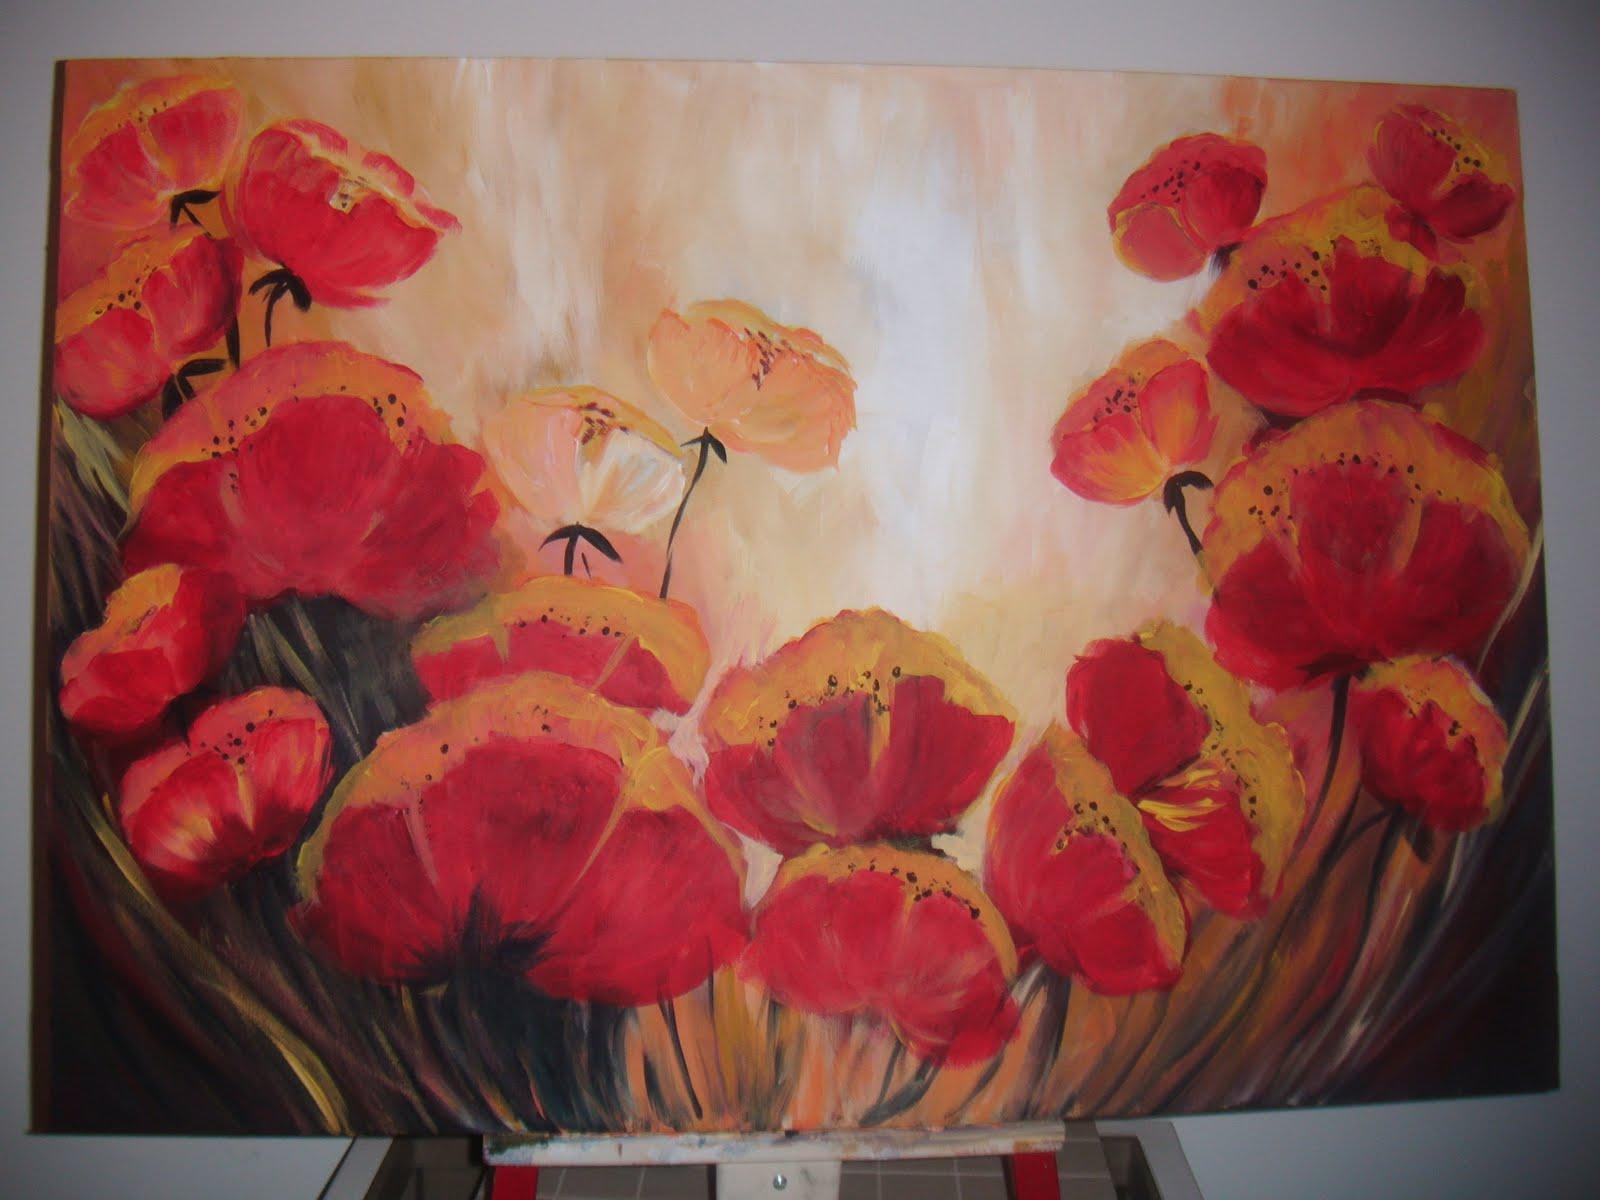 Cuadros modernos cuadros de flores y plantas i ramo de - Ramos de flores modernos ...